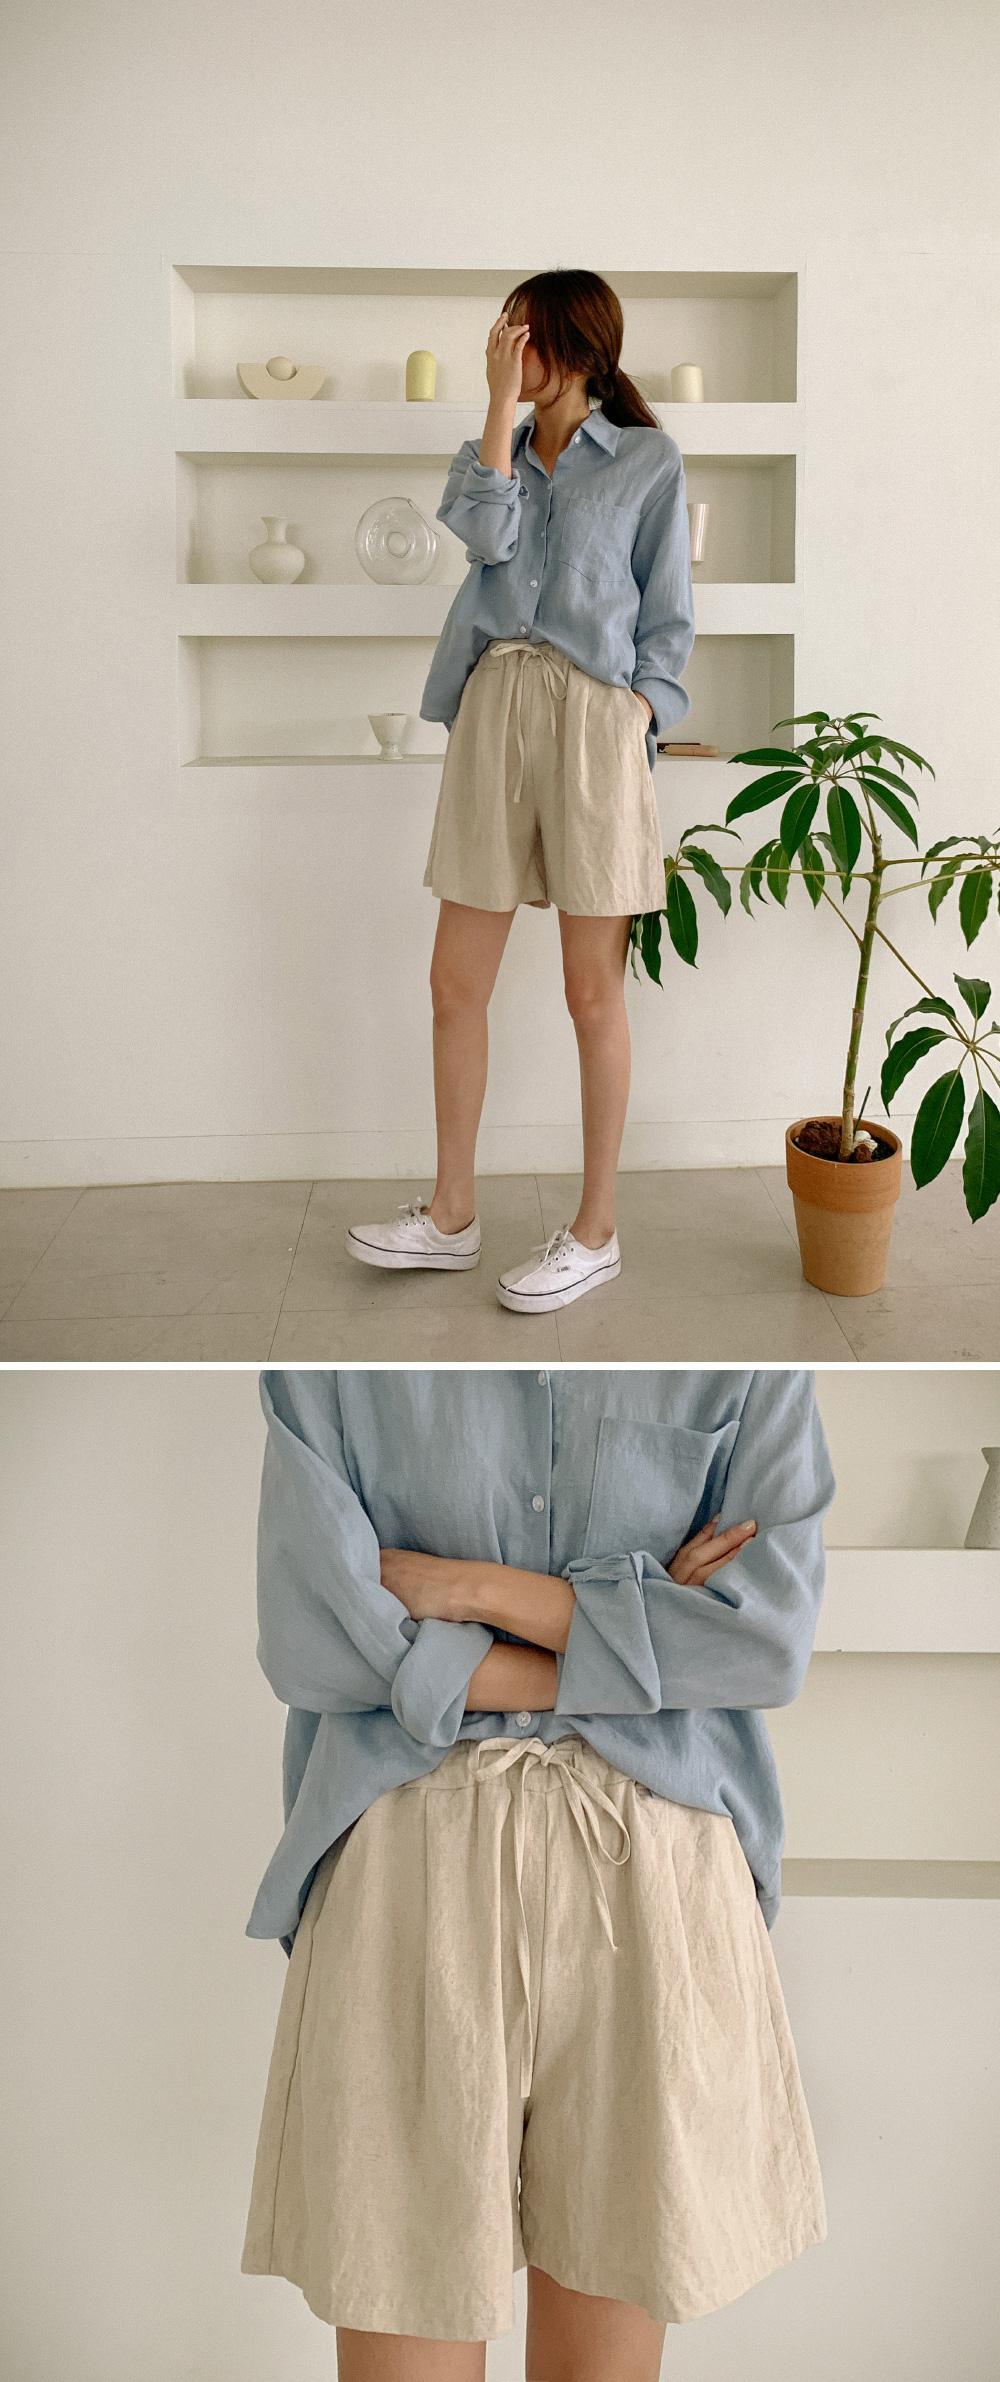 High waist banding 4 part short pants